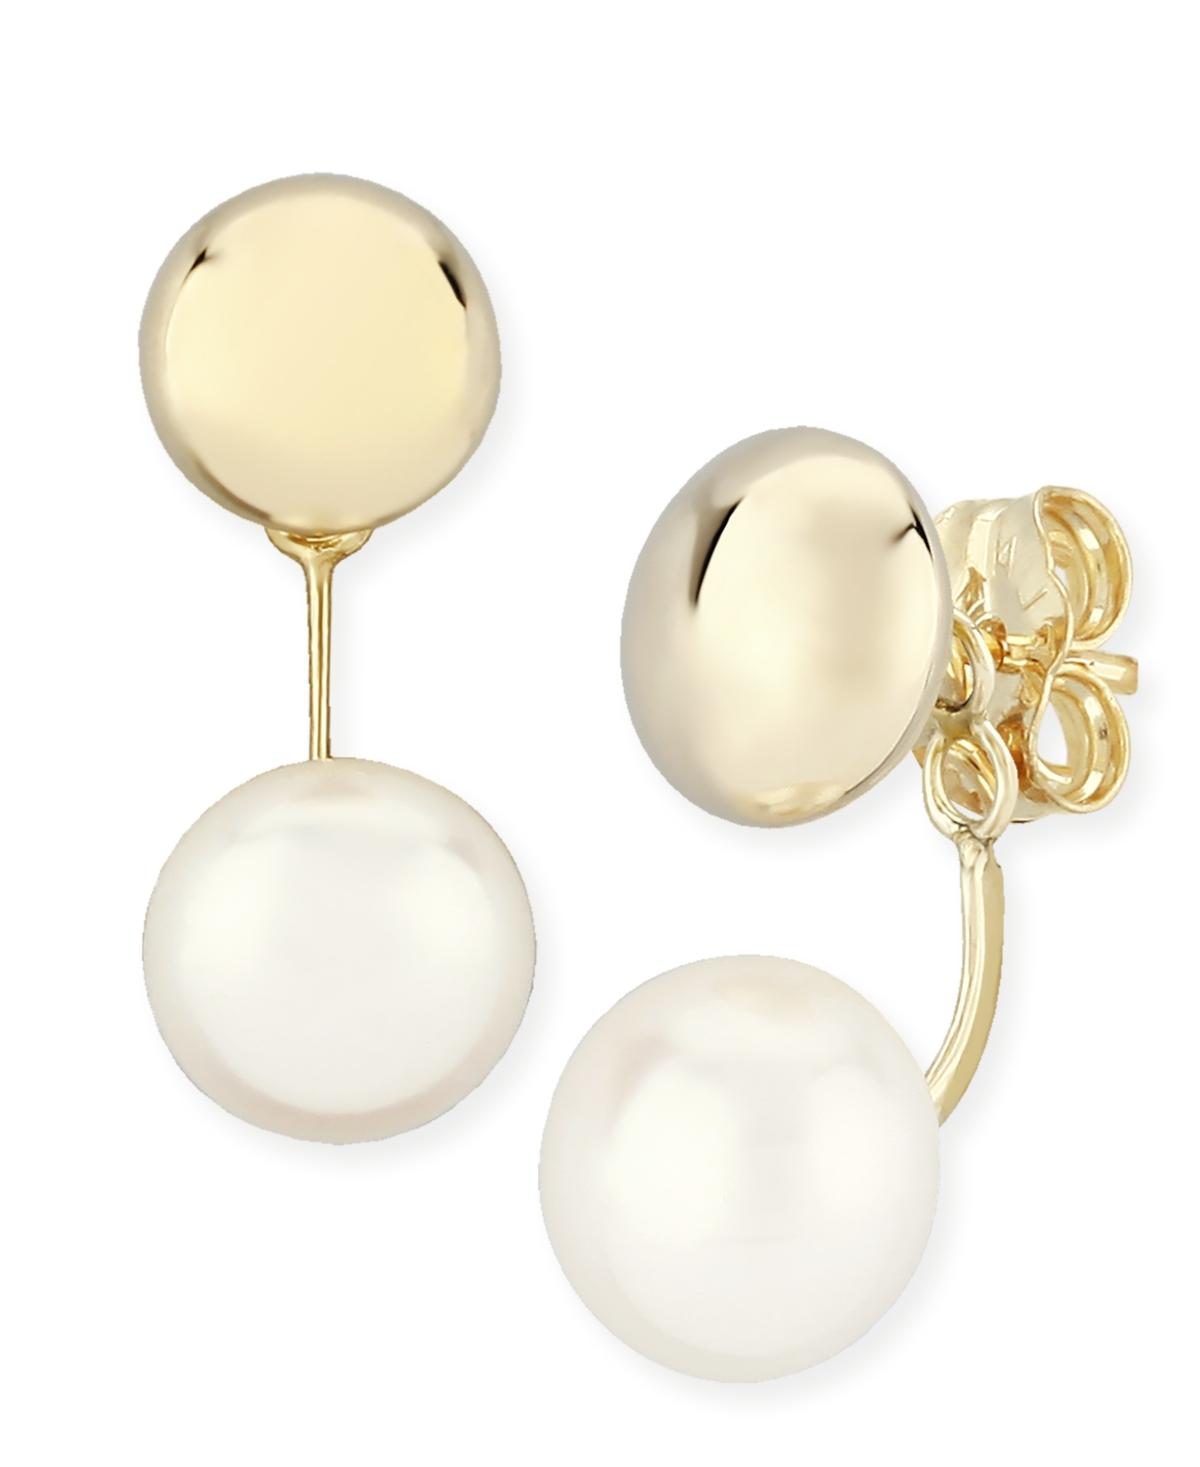 Flat Ball Pearl (8 1/2 mm) Drop Earrings Set in 14k Yellow Gold